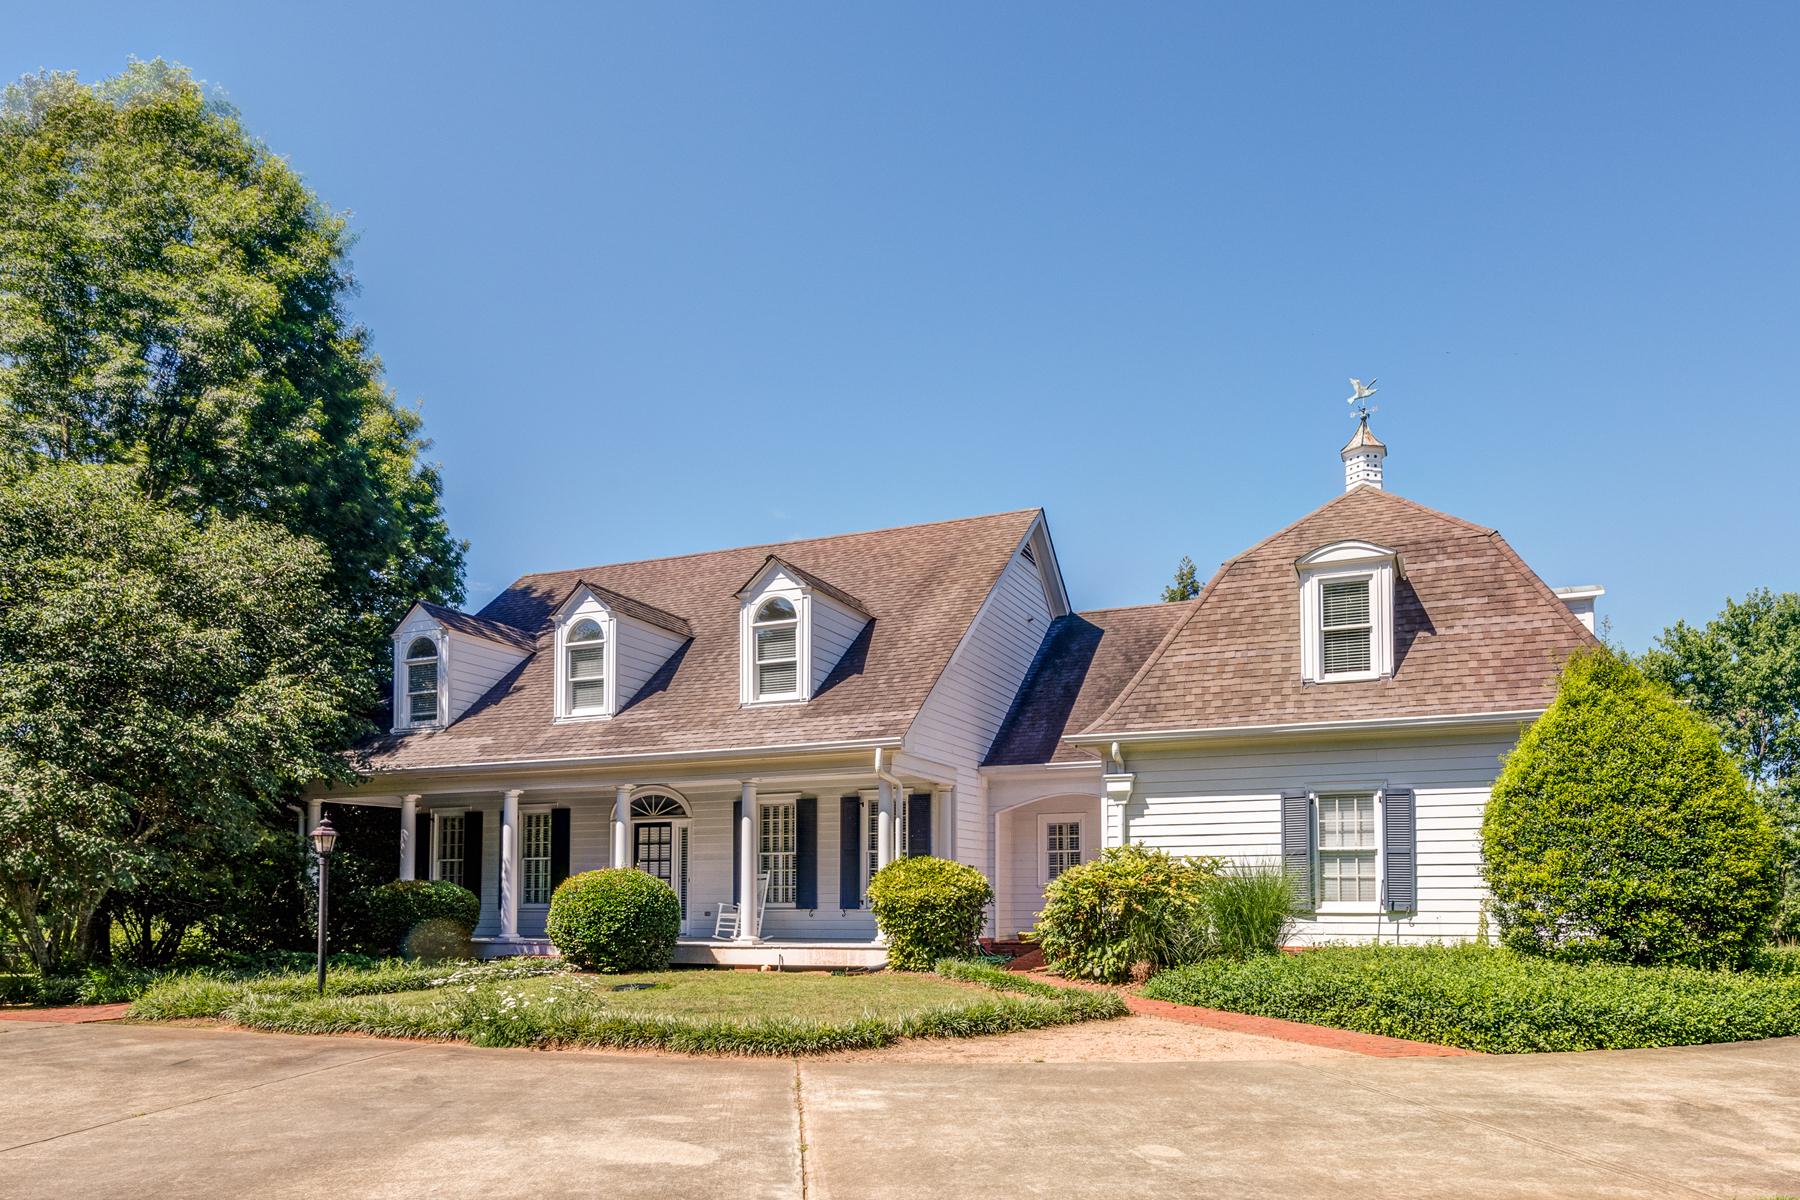 獨棟家庭住宅 為 出售 在 Lovely Farmhouse Style Home On 1.5 Acres 13860 Hopewell Road Alpharetta, 喬治亞州, 30004 美國